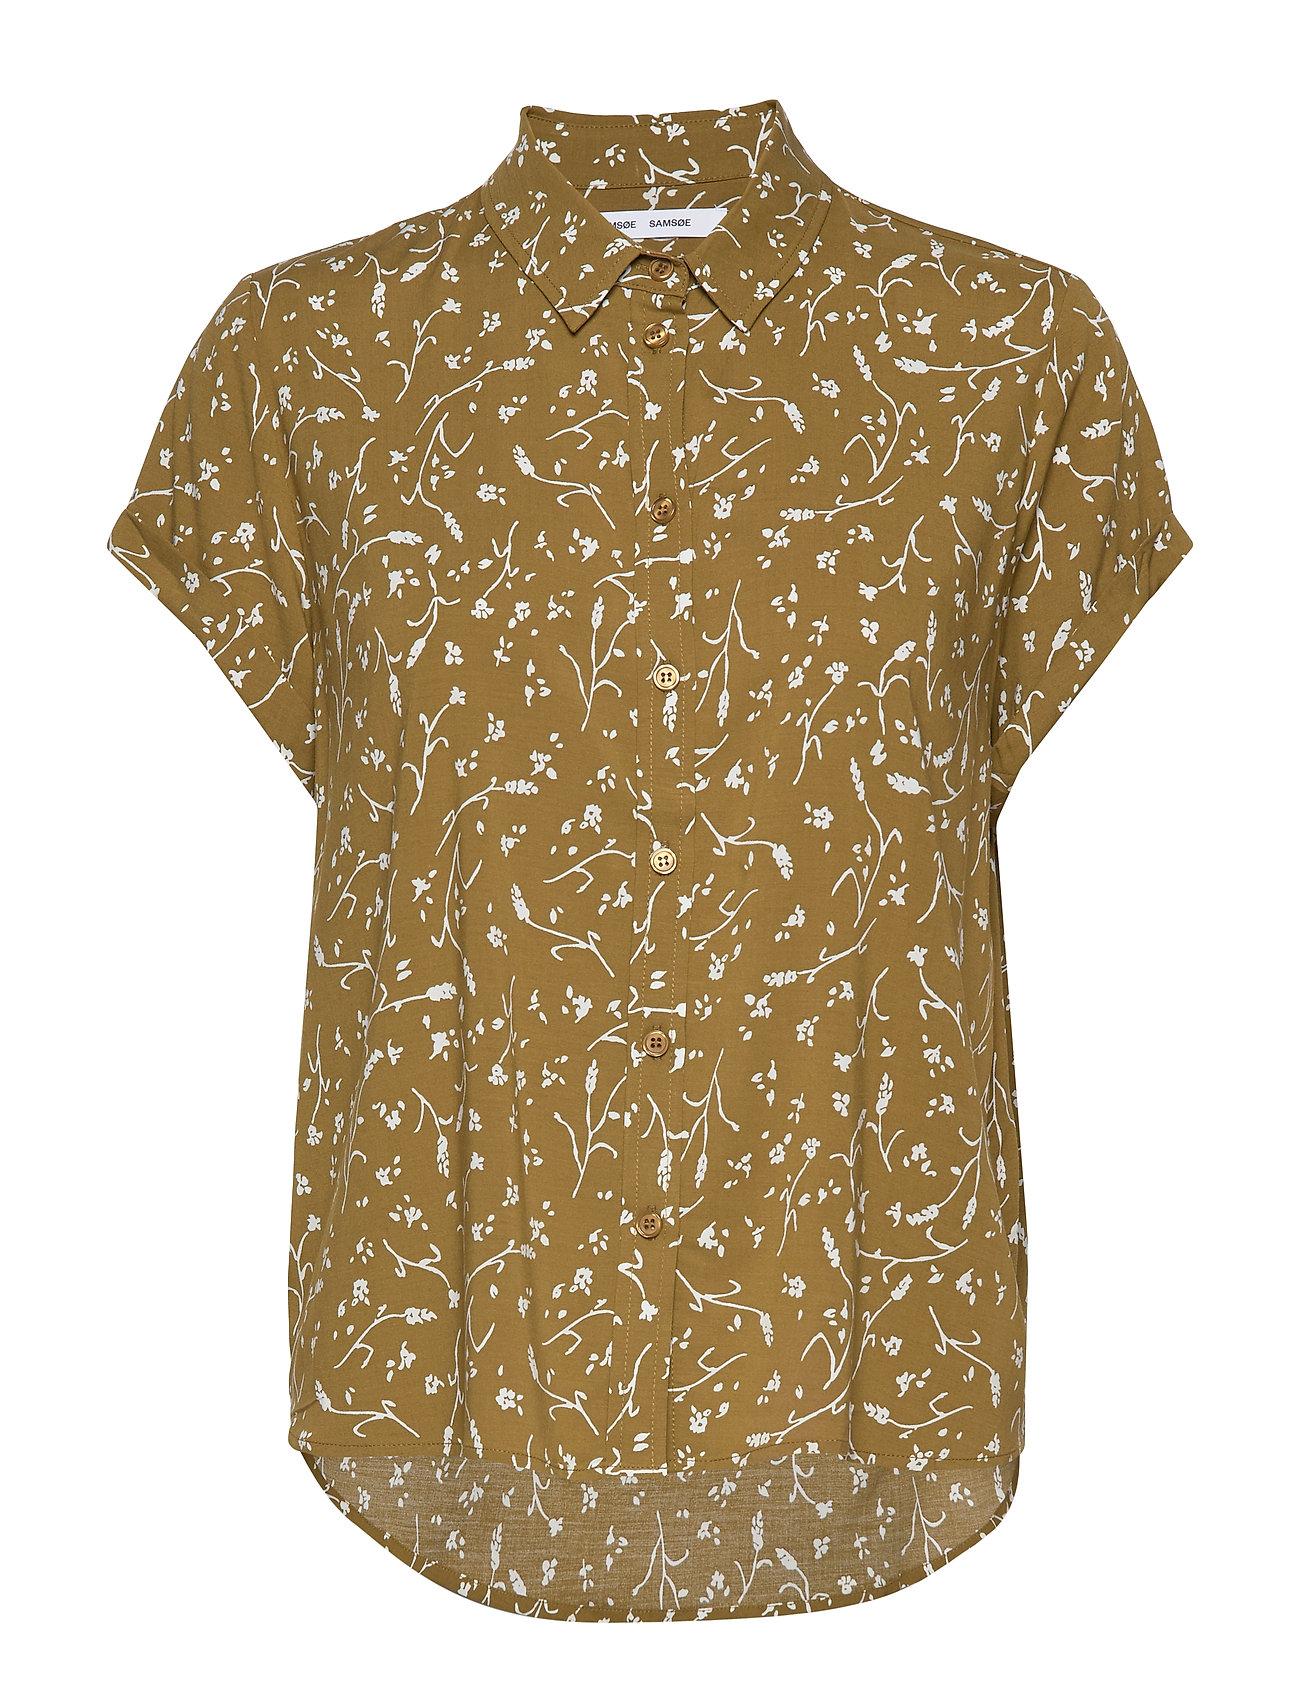 Samsøe Samsøe Majan ss shirt aop 9942 - FEUILLES KHAKI